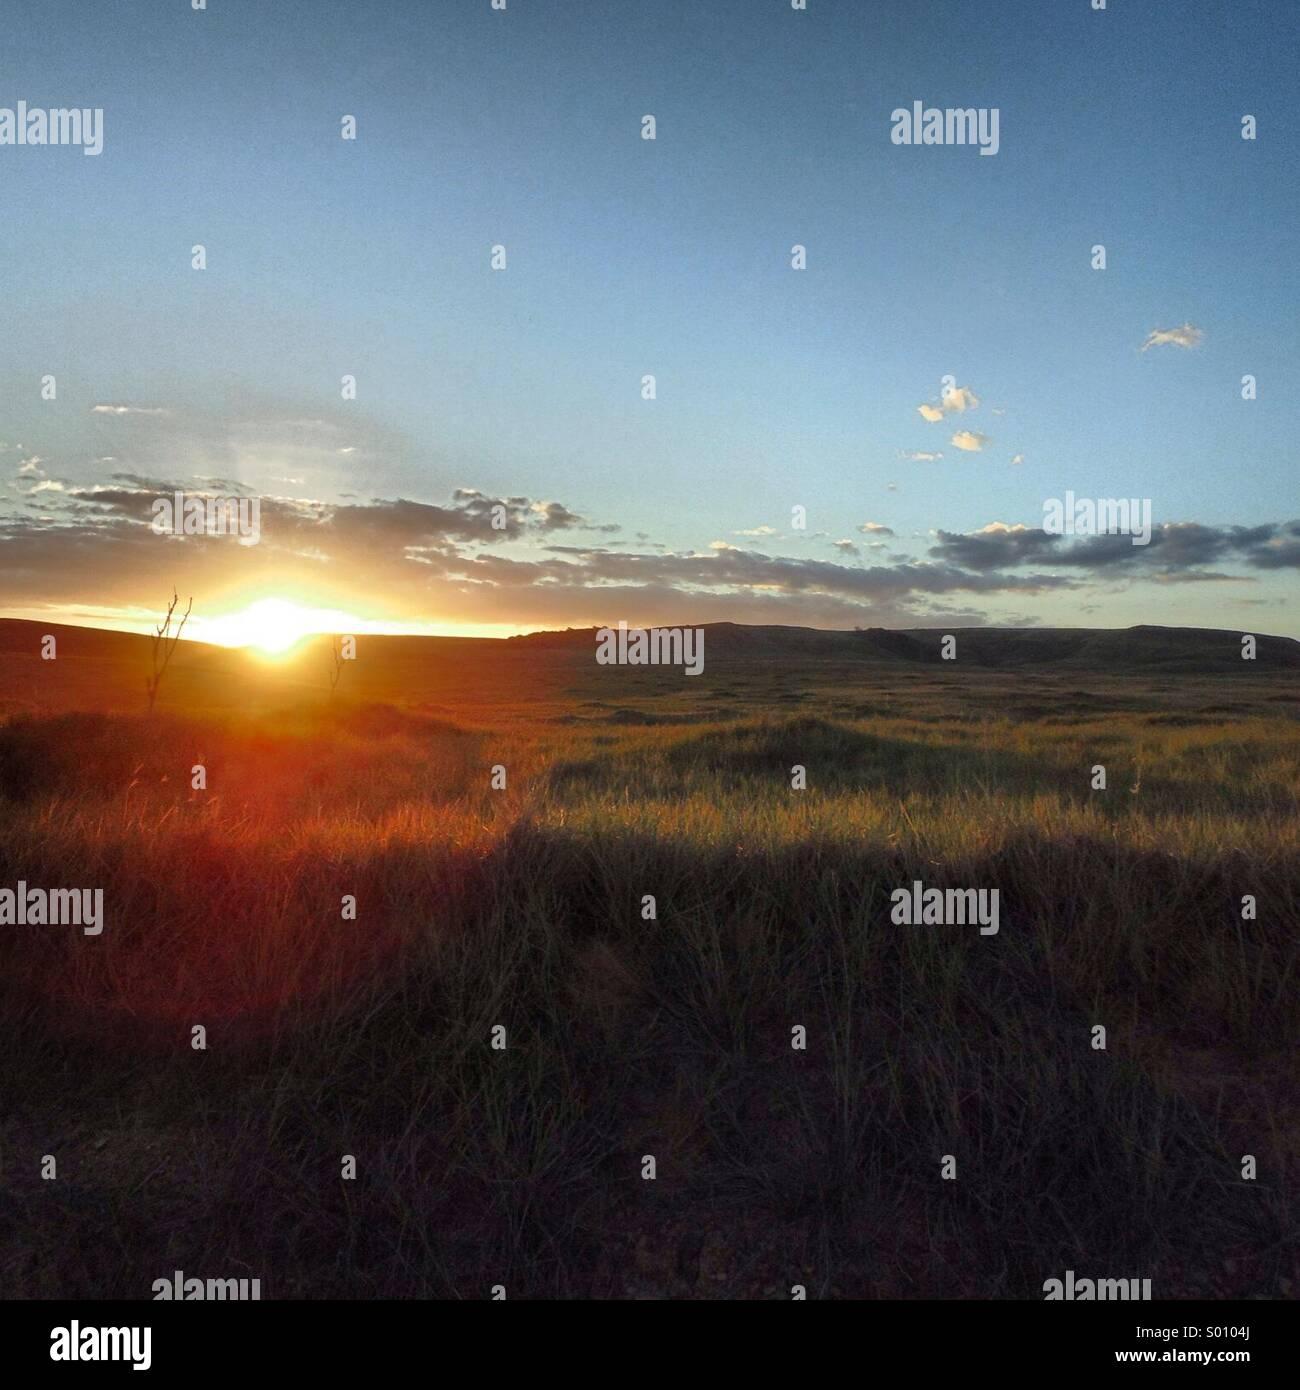 Sundown Gran Sábana. Venezuela - Stock Image